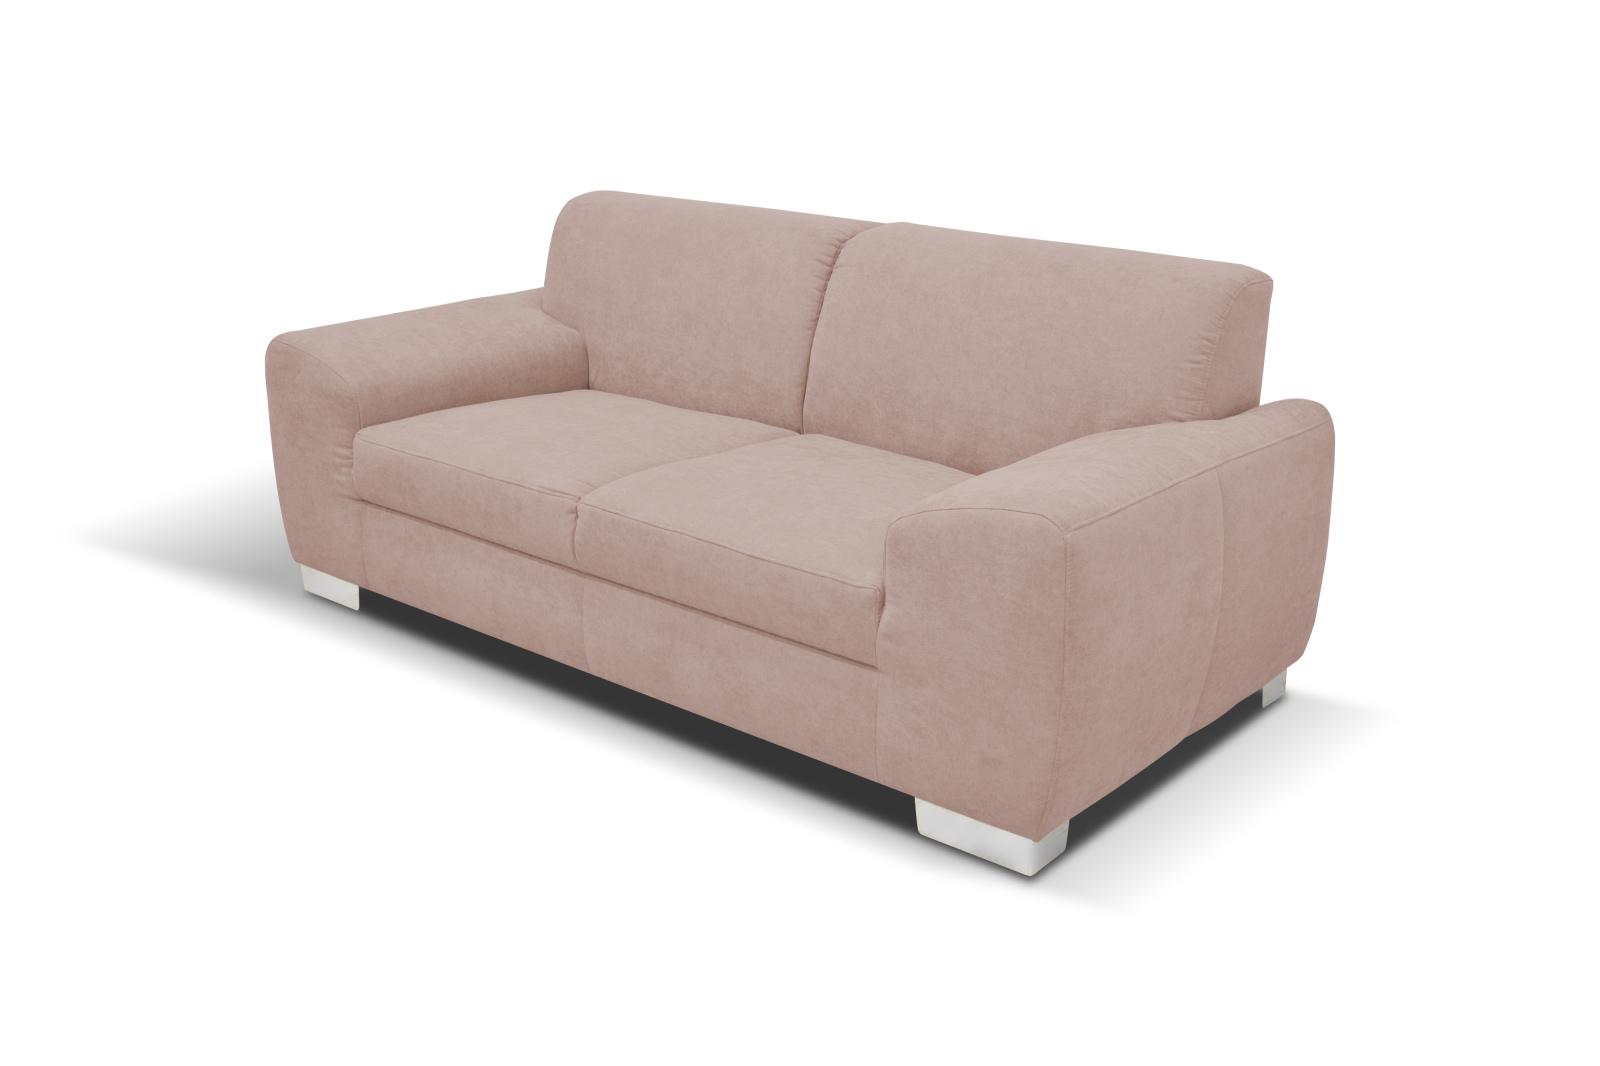 Full Size of 2 Sitzer Sofa Flamingo Microfaser Federkern Online Bei Kaufen Günstig Arten Mit Schlaffunktion Leinen Relaxfunktion Elektrisch Eck Antikes Konfigurator Sofa Microfaser Sofa